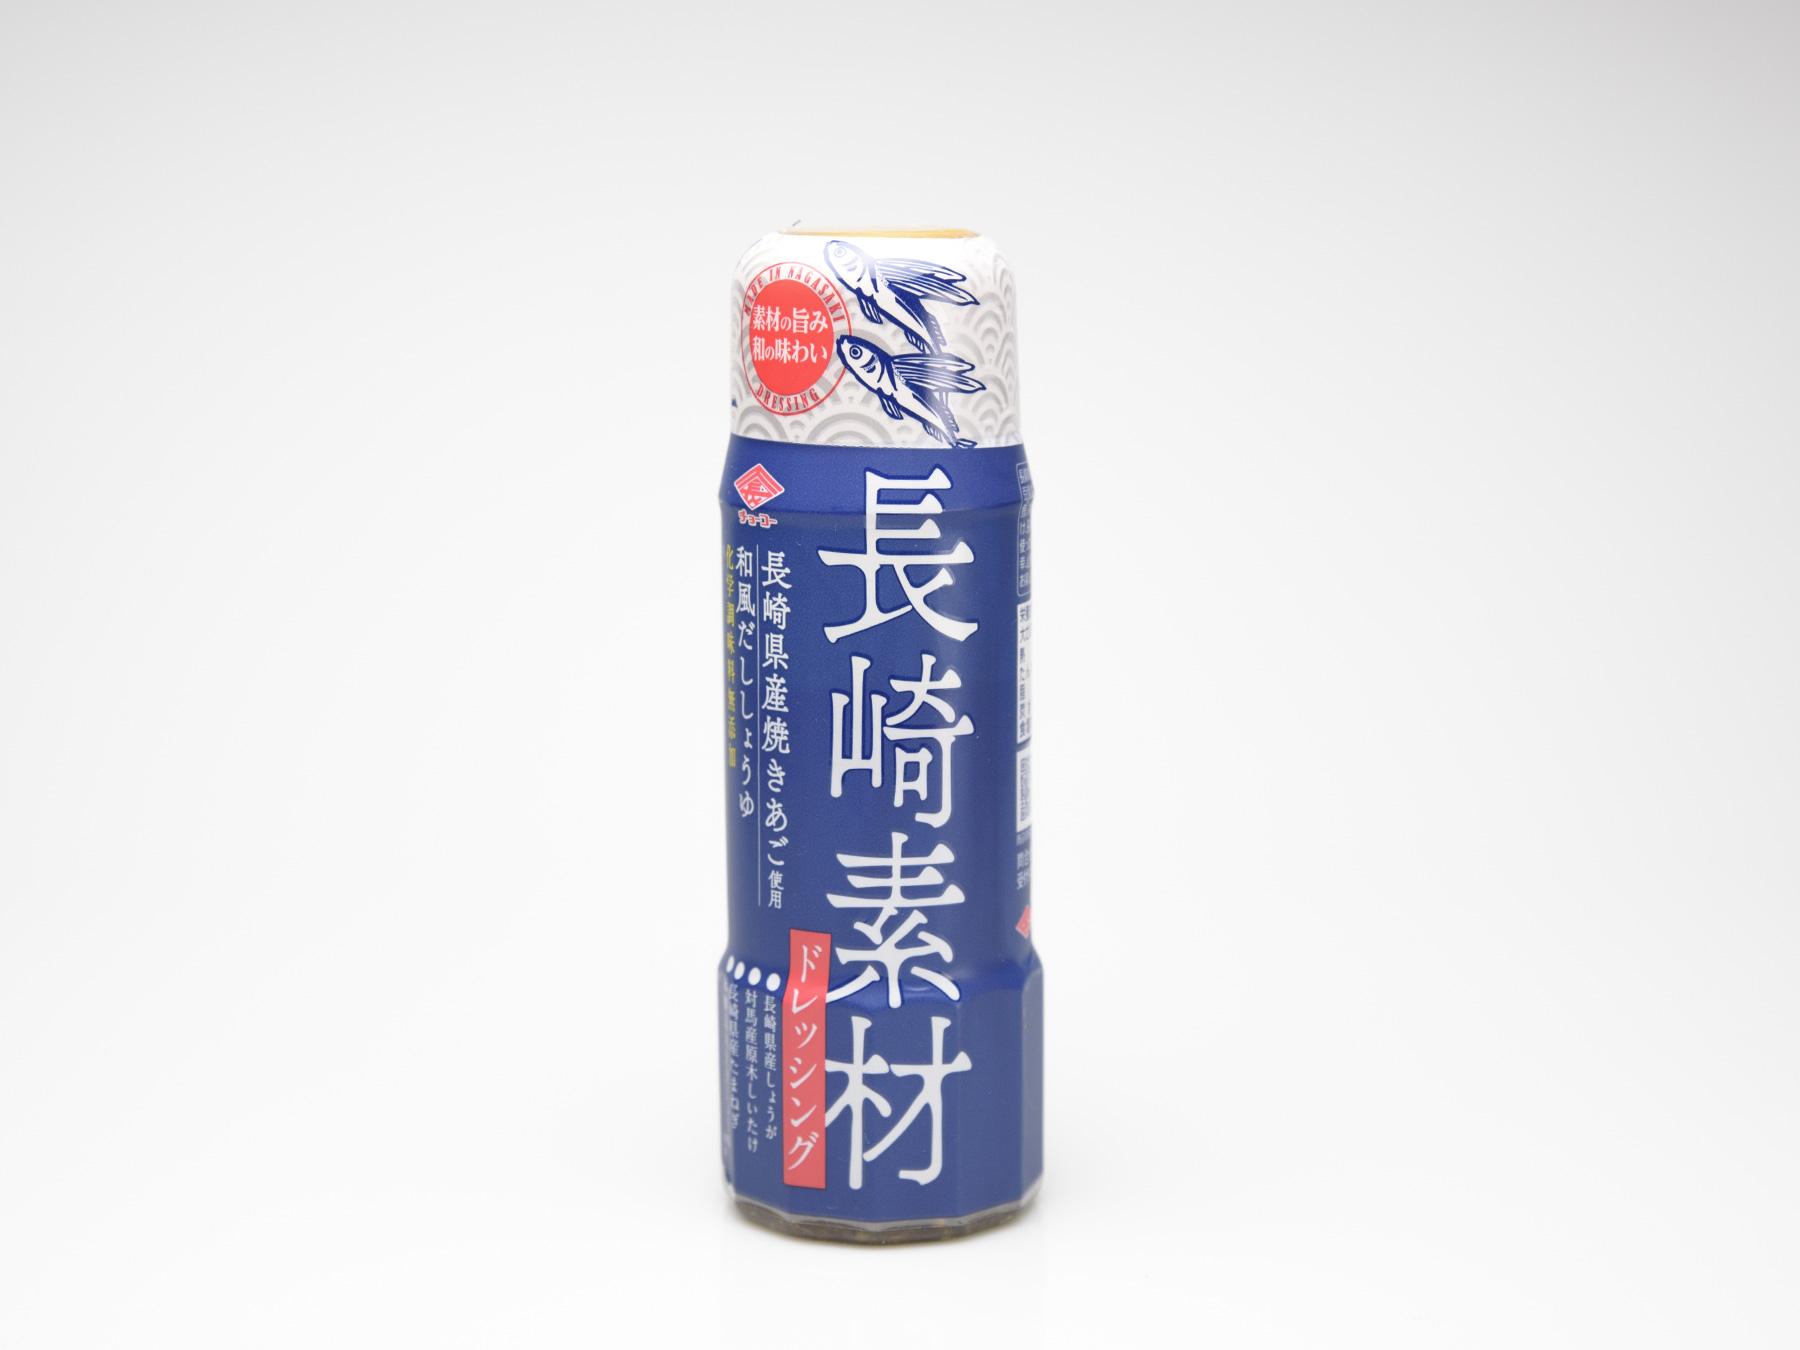 長崎素材ドレッシング 長崎県産焼きあご使用和風だししょうゆ